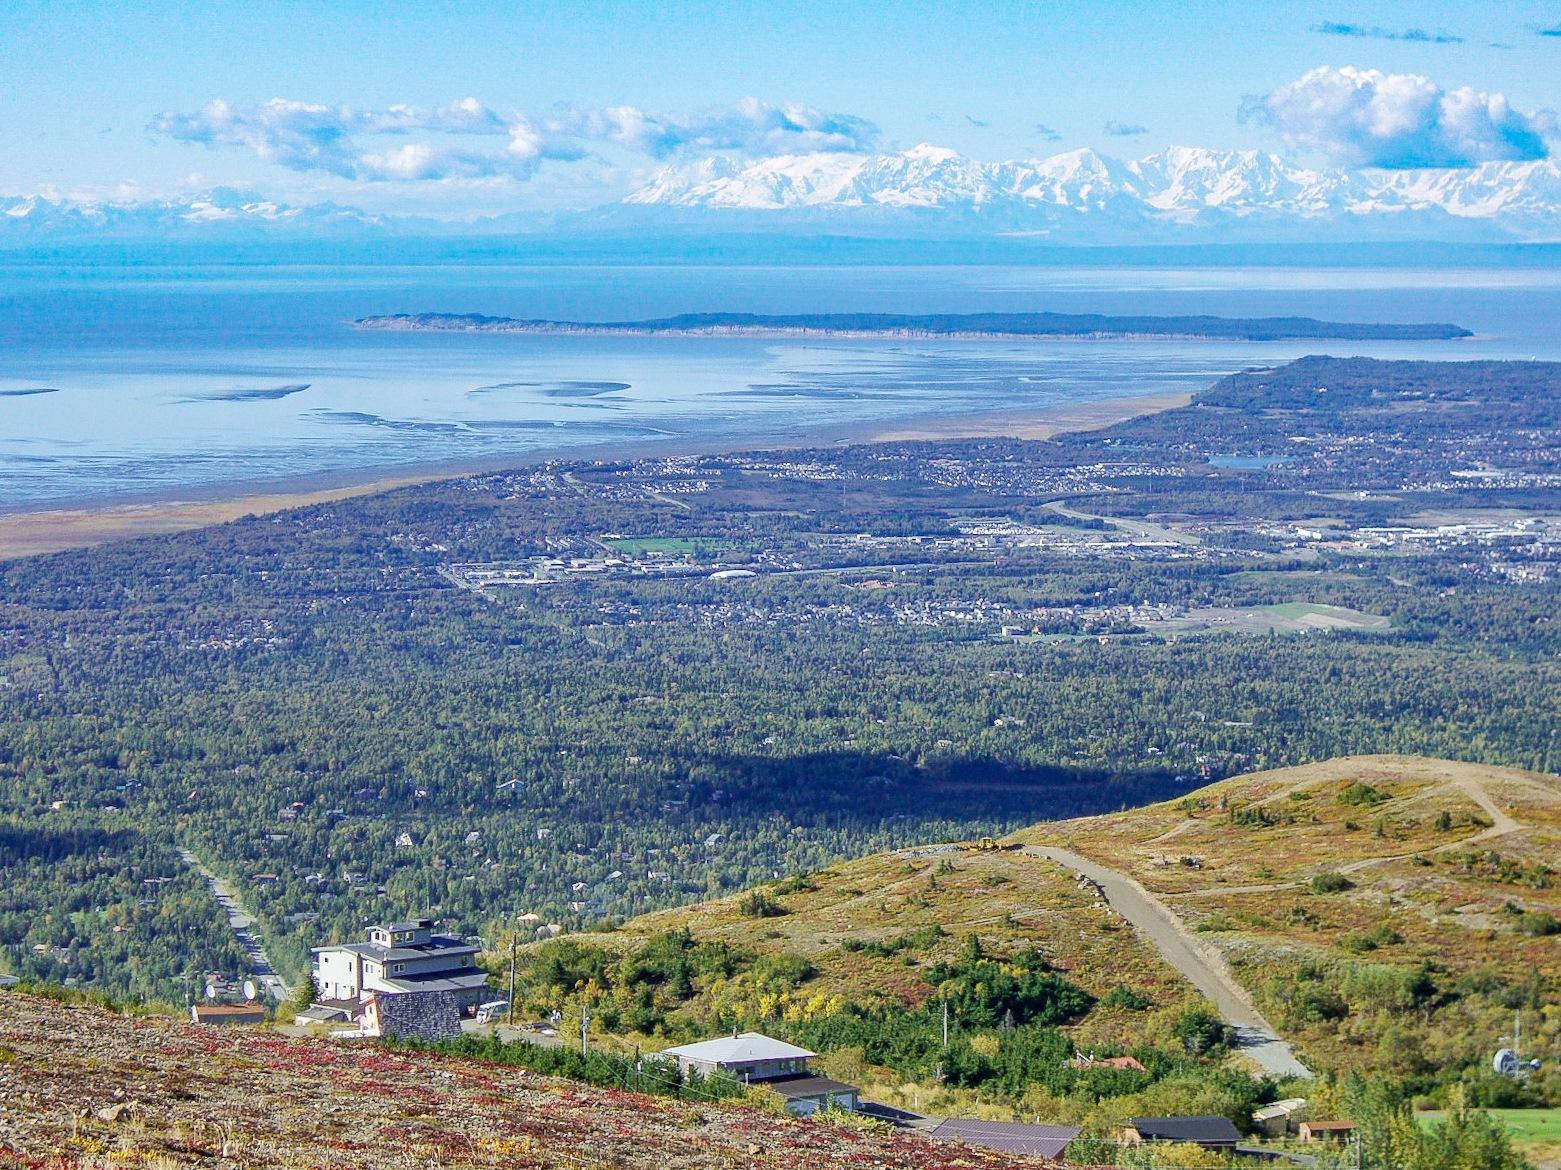 フラットトップマウンテンからアンカレジの街やアラスカ山脈を望む